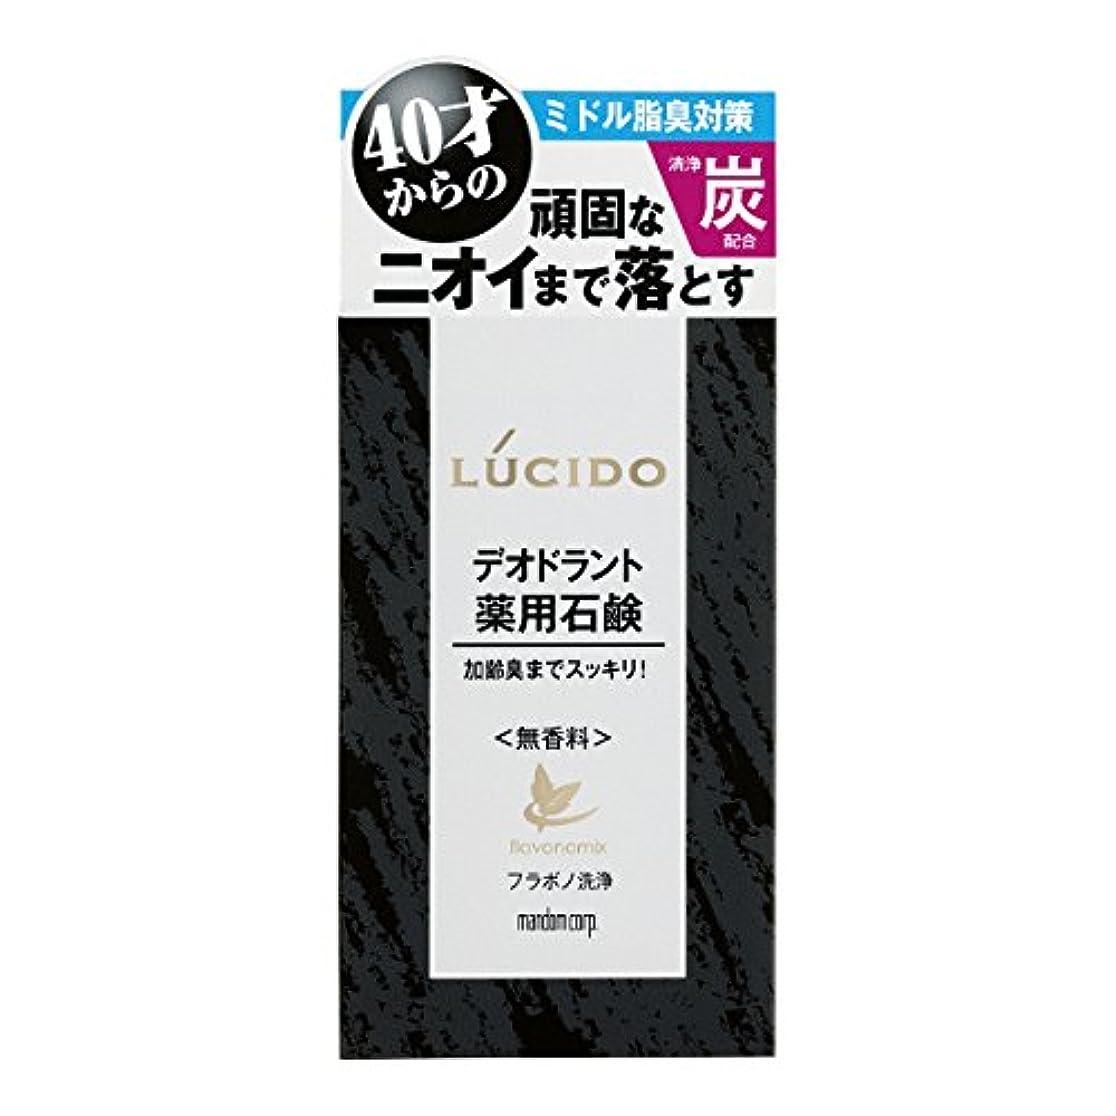 保険削除する住居ルシード 薬用デオドラント石鹸 100g(医薬部外品)